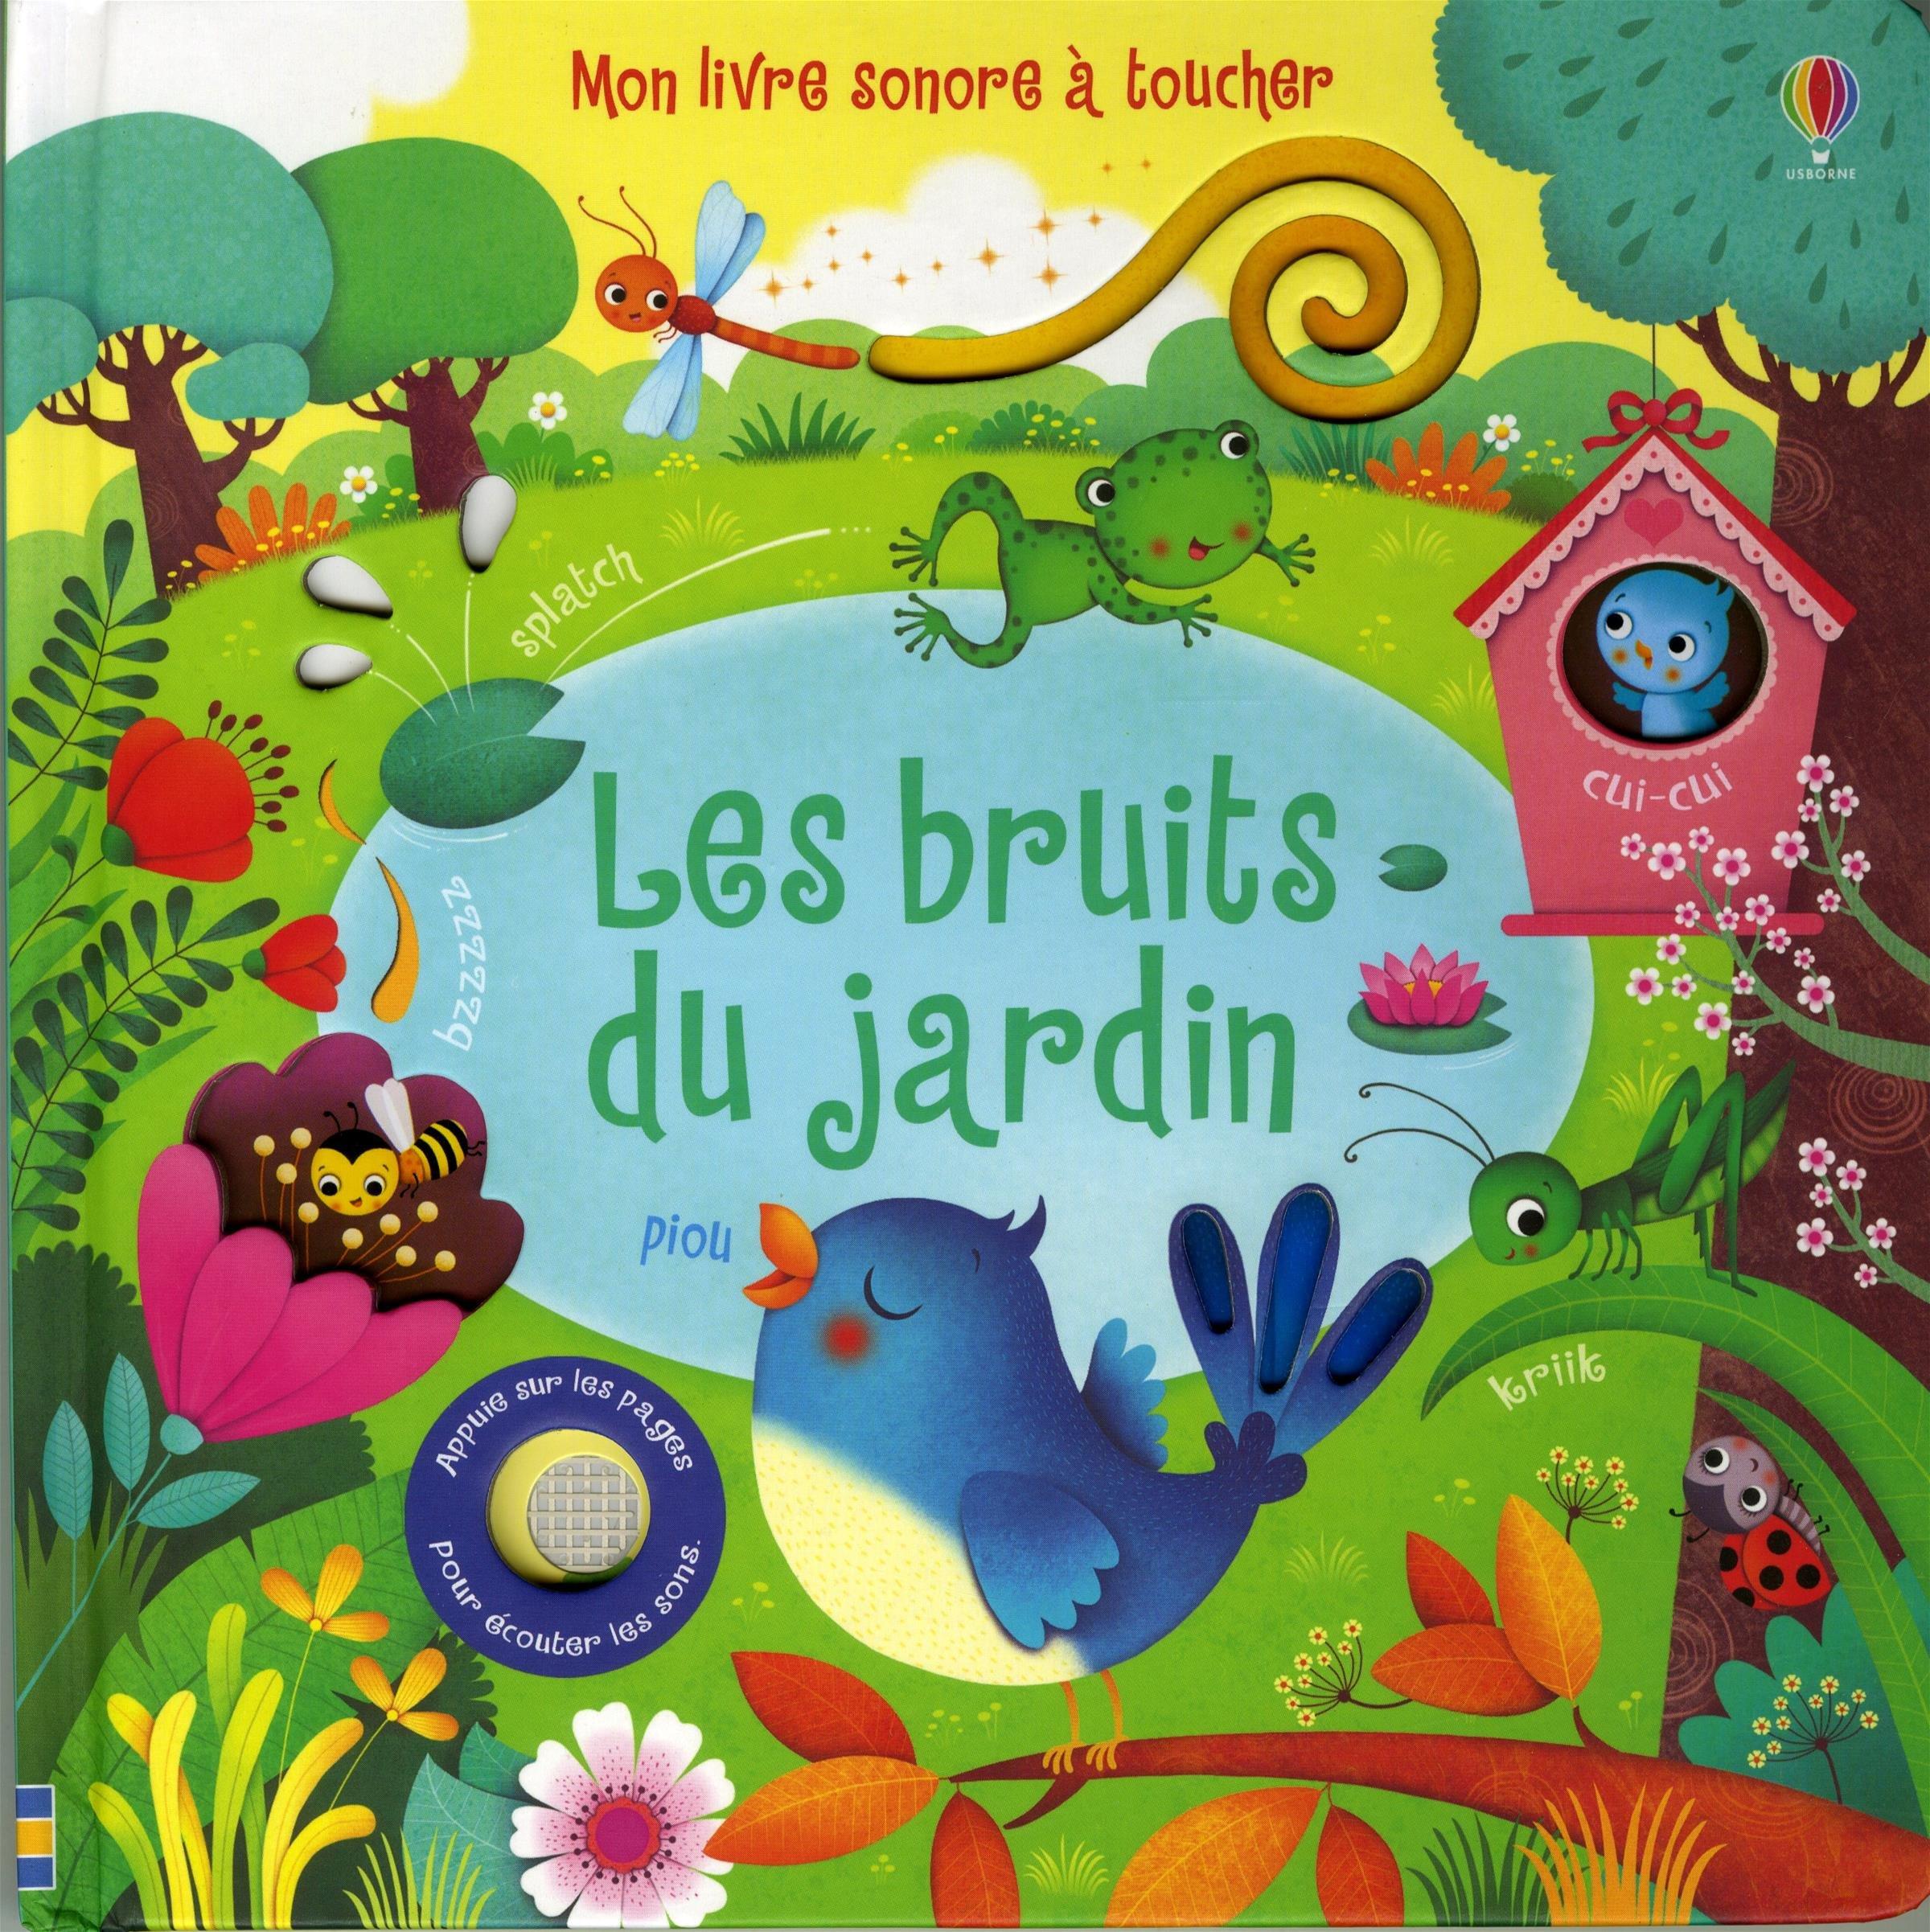 Amazon Fr Les Bruits Du Jardin Mon Livre Sonore A